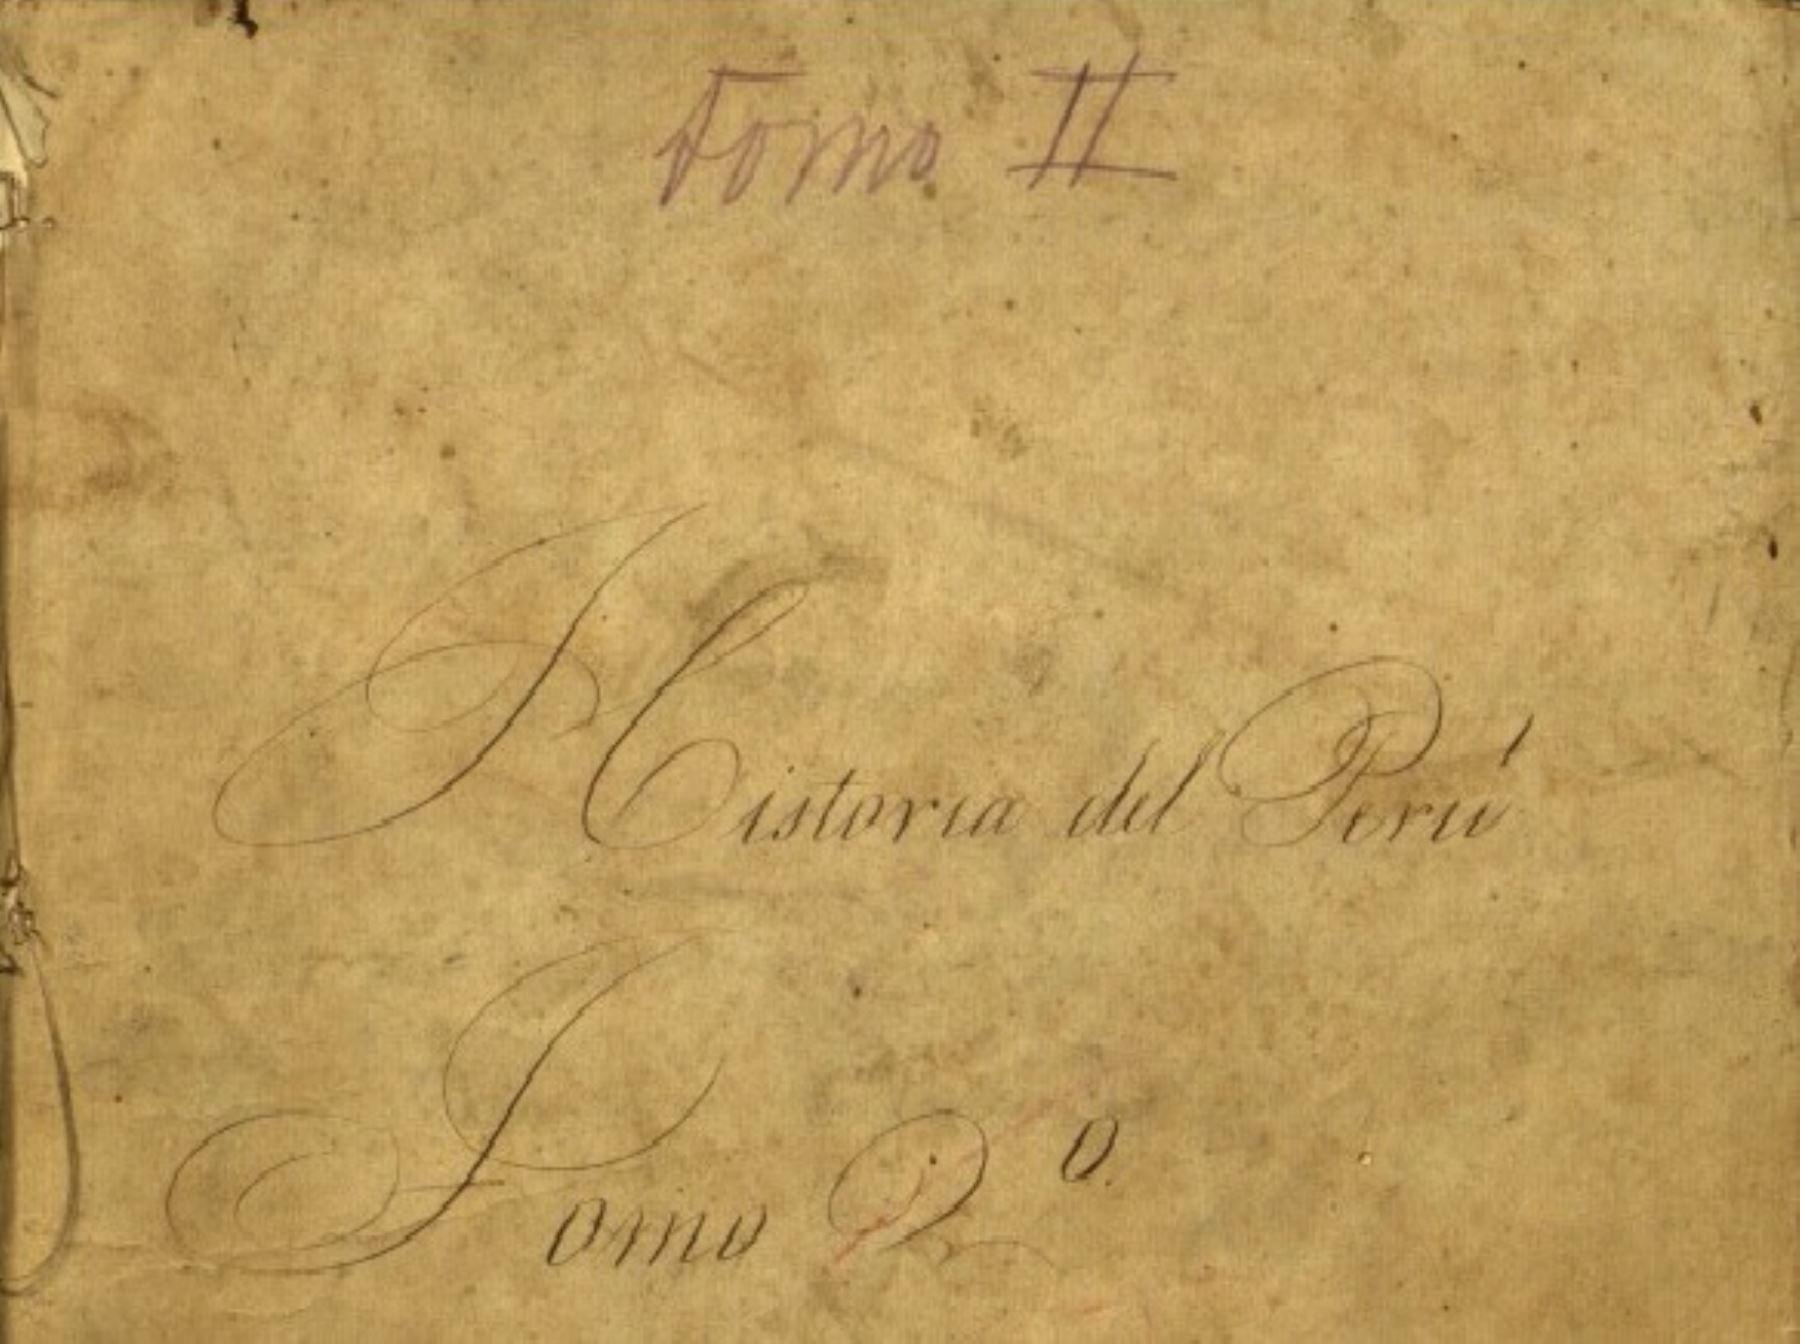 """Obra manuscrita """"Historia del Perú"""" [1848] es declarada Patrimonio Cultural de la Nación."""